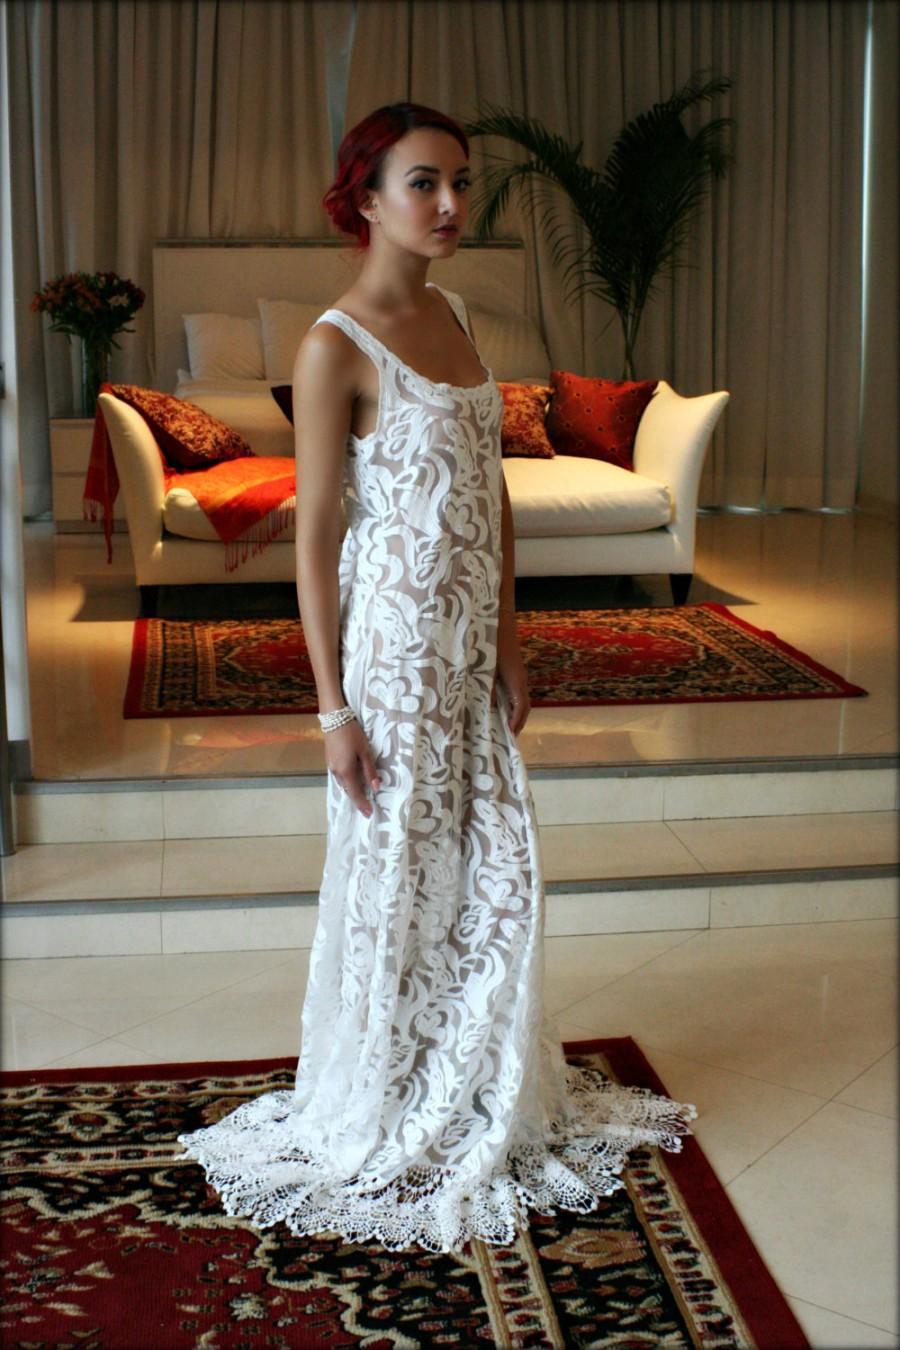 Wedding Ideas - Nightgown #2 - Weddbook